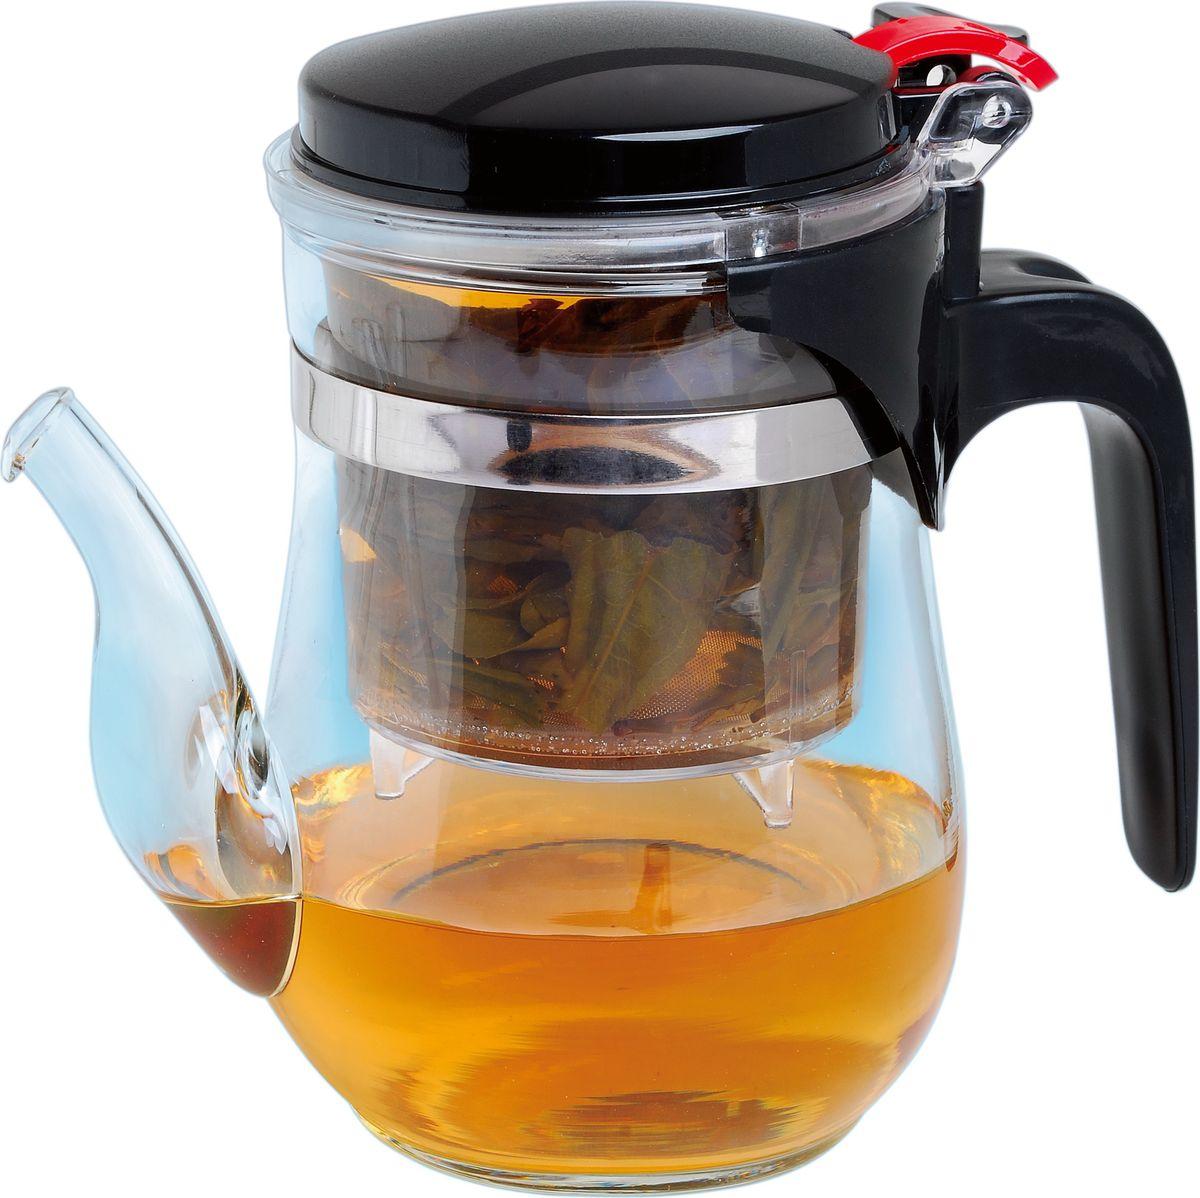 Чайник заварочный Queen Ruby, 500 мл. QR-6045QR-6045Заварочный чайник Mayer & Boch изготовлен из термостойкого боросиликатного стекла, фильтр выполнен из нержавеющей стали. Изделия из стекла не впитывают запахи, благодаря чему вы всегда получите натуральный, насыщенный вкус и аромат напитков. Заварочный чайник из стекла удобно использовать для повседневного заваривания чая практически любого сорта. Но цветочные, фруктовые, красные и желтые сорта чая лучше других раскрывают свой вкус и аромат при заваривании именно в стеклянных чайниках, а также сохраняют все полезные ферменты и витамины, содержащиеся в чайных листах. Стальной фильтр гарантирует прозрачность и чистоту напитка от чайных листьев, при этом сохранив букет и насыщенность чая. Прозрачные стенки чайника дают возможность насладиться насыщенным цветом заваренного чая. Изящный заварочный чайник Mayer & Boch будет прекрасно смотреться в любом интерьере. Подходит для мытья в посудомоечной машине.